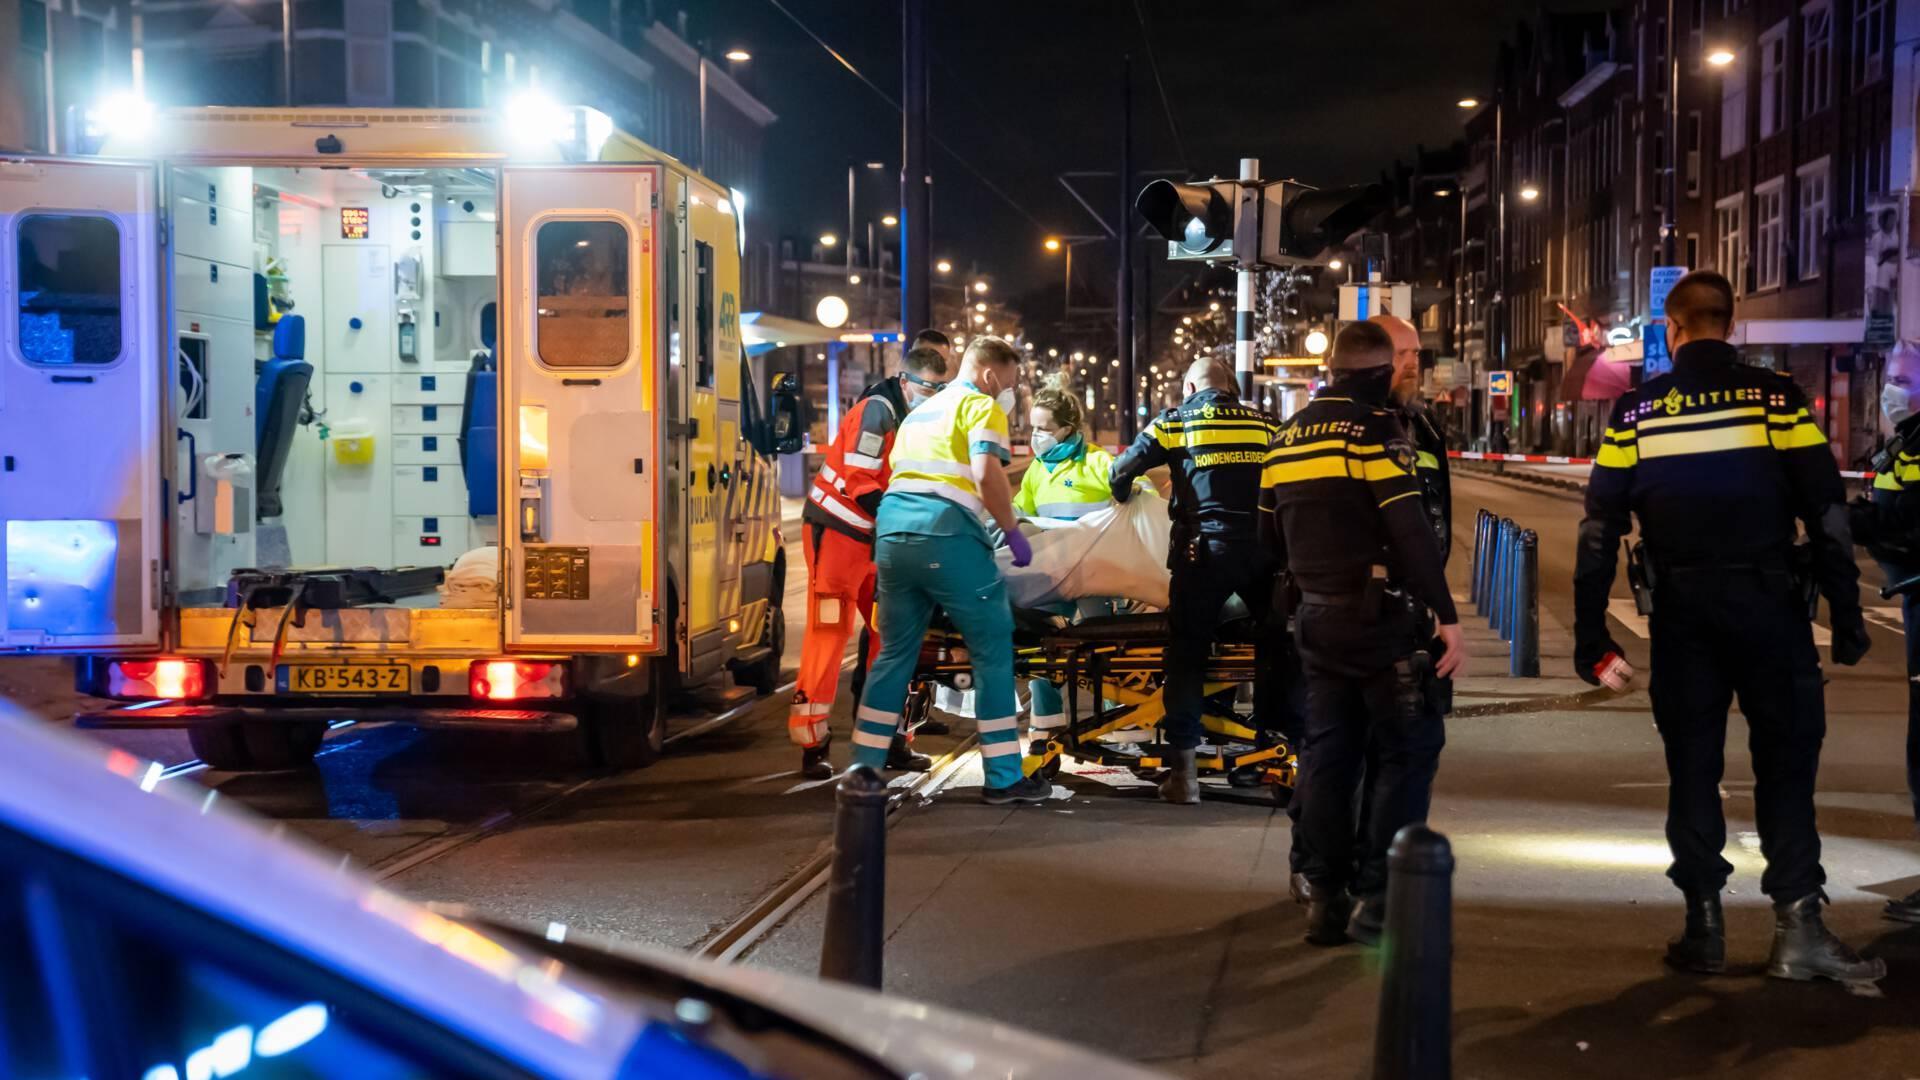 أصيب اثنان في حادث طعن في روتردام